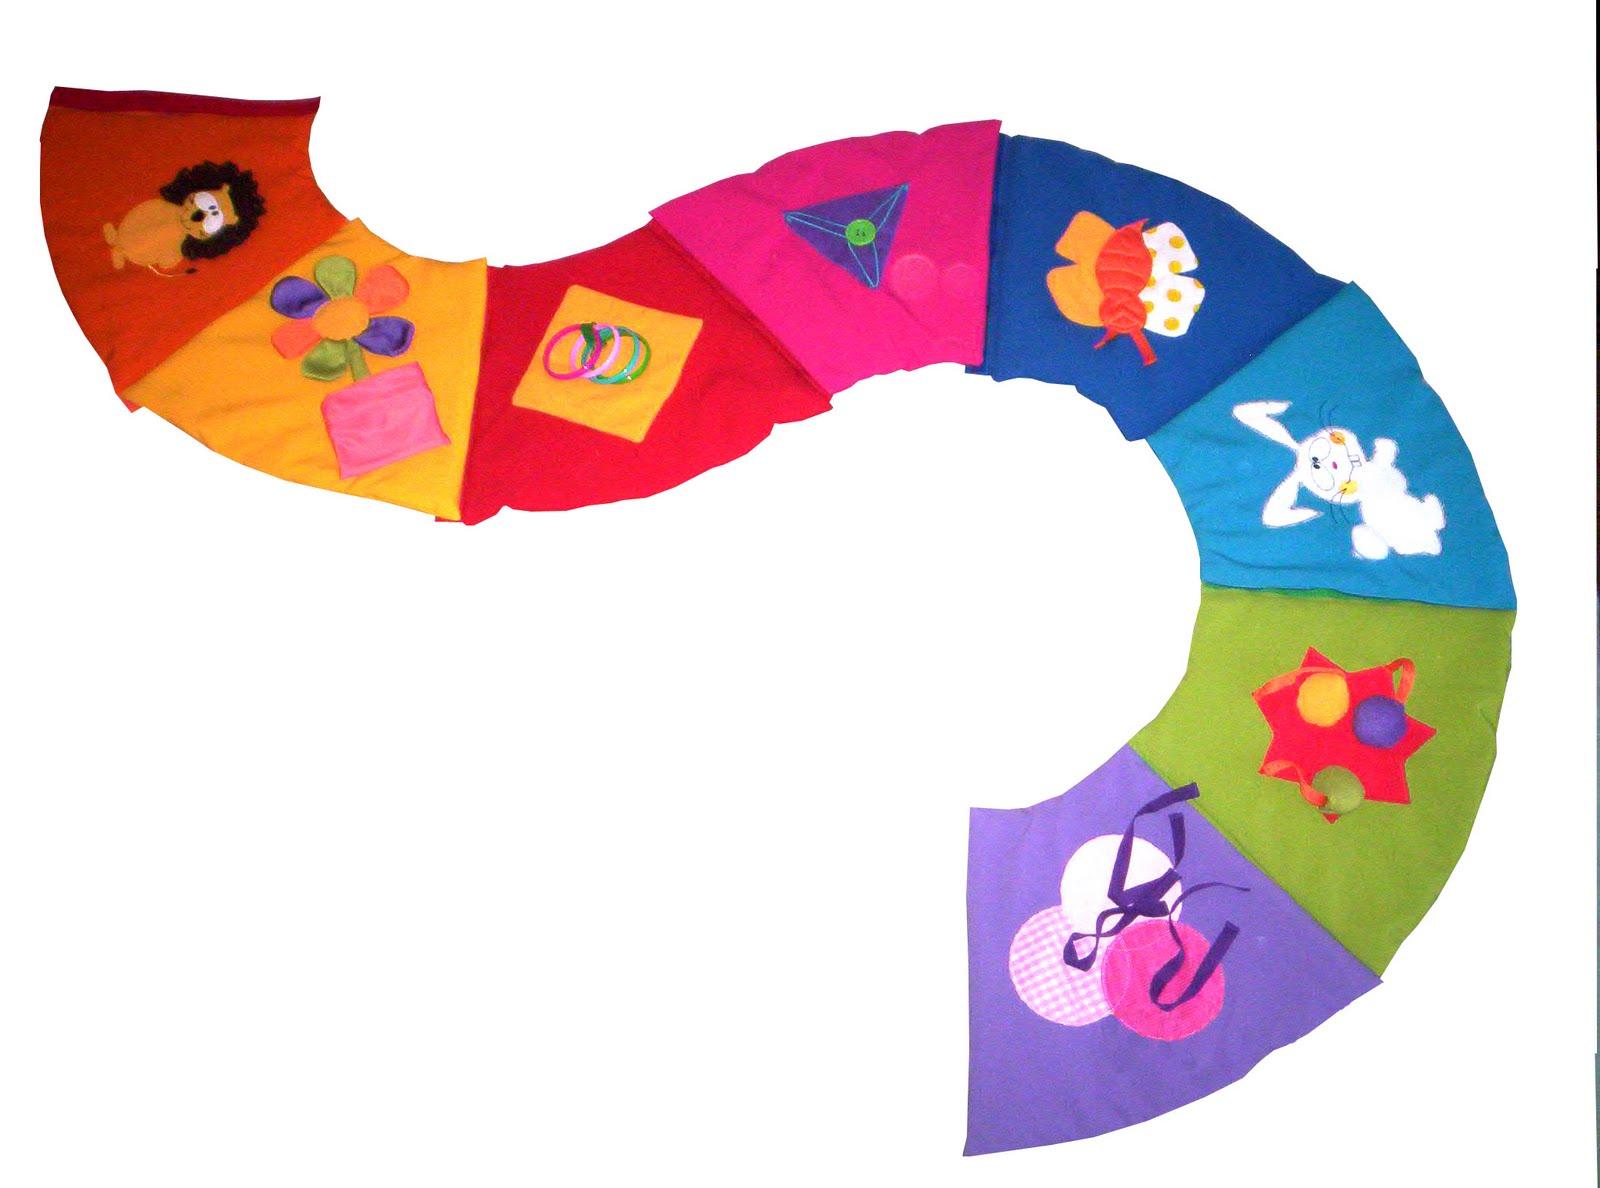 aca una muestra de los juegos para creados en diversas telas mezclando colores y texturas para el aprendizaje de los nios